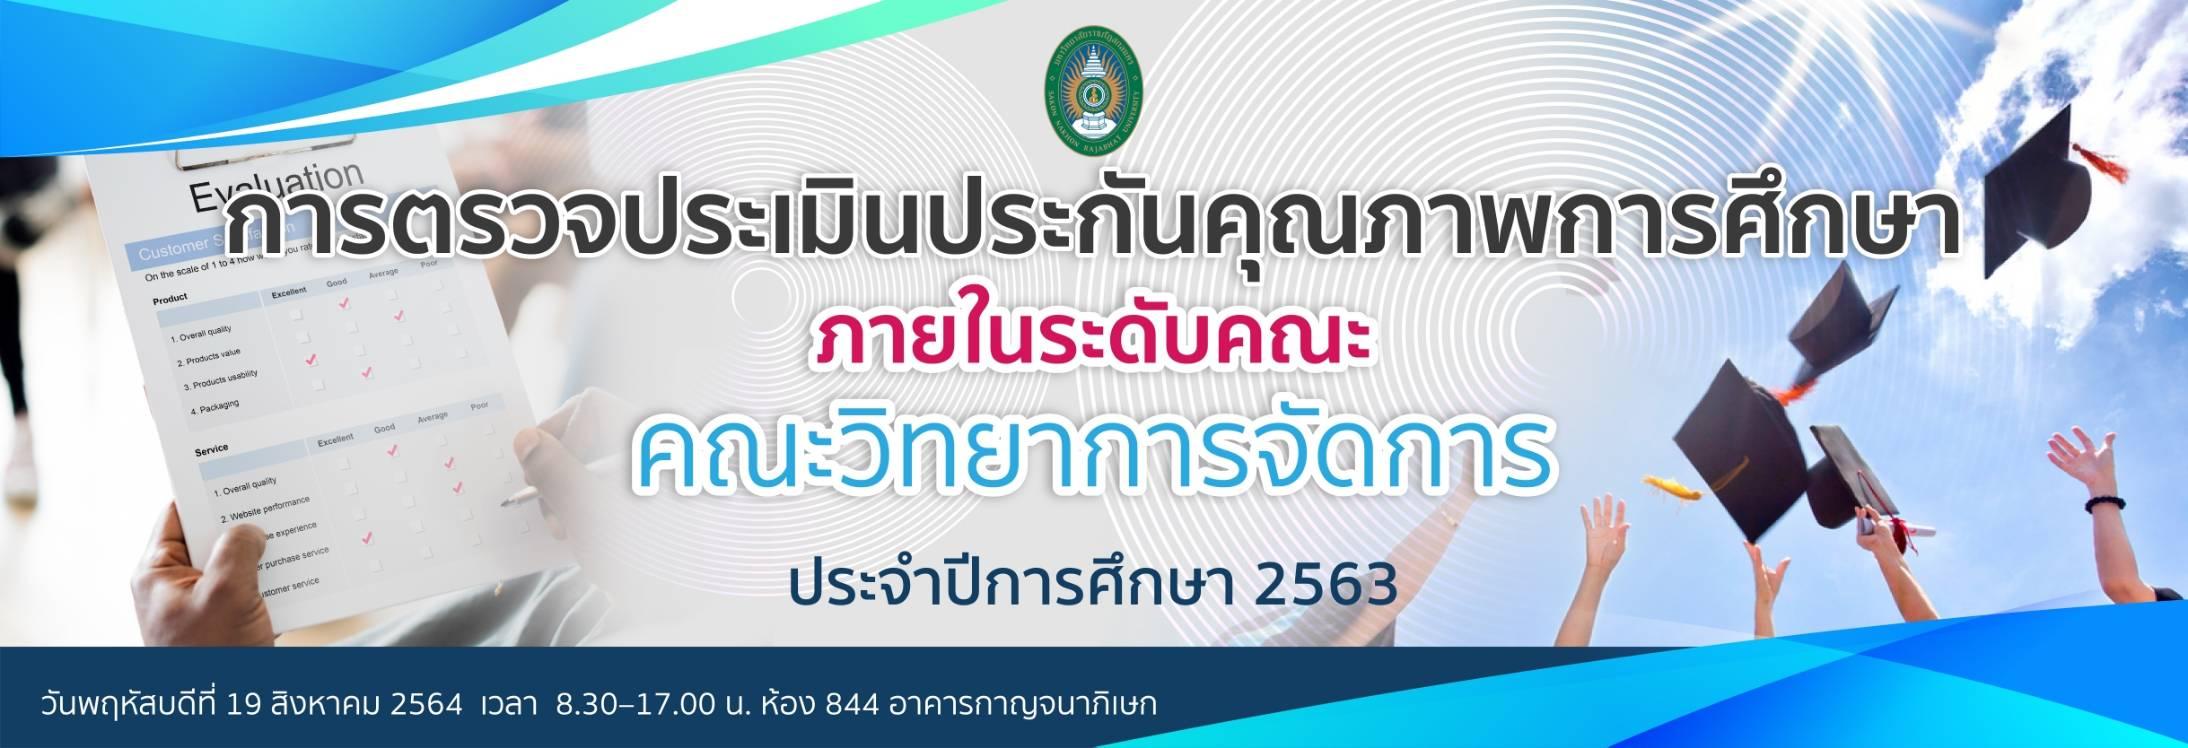 เชิญร่วมตรวจประเมินงานประกันคุณภาพการศึกษา ประจำปีการศึกษา 2563